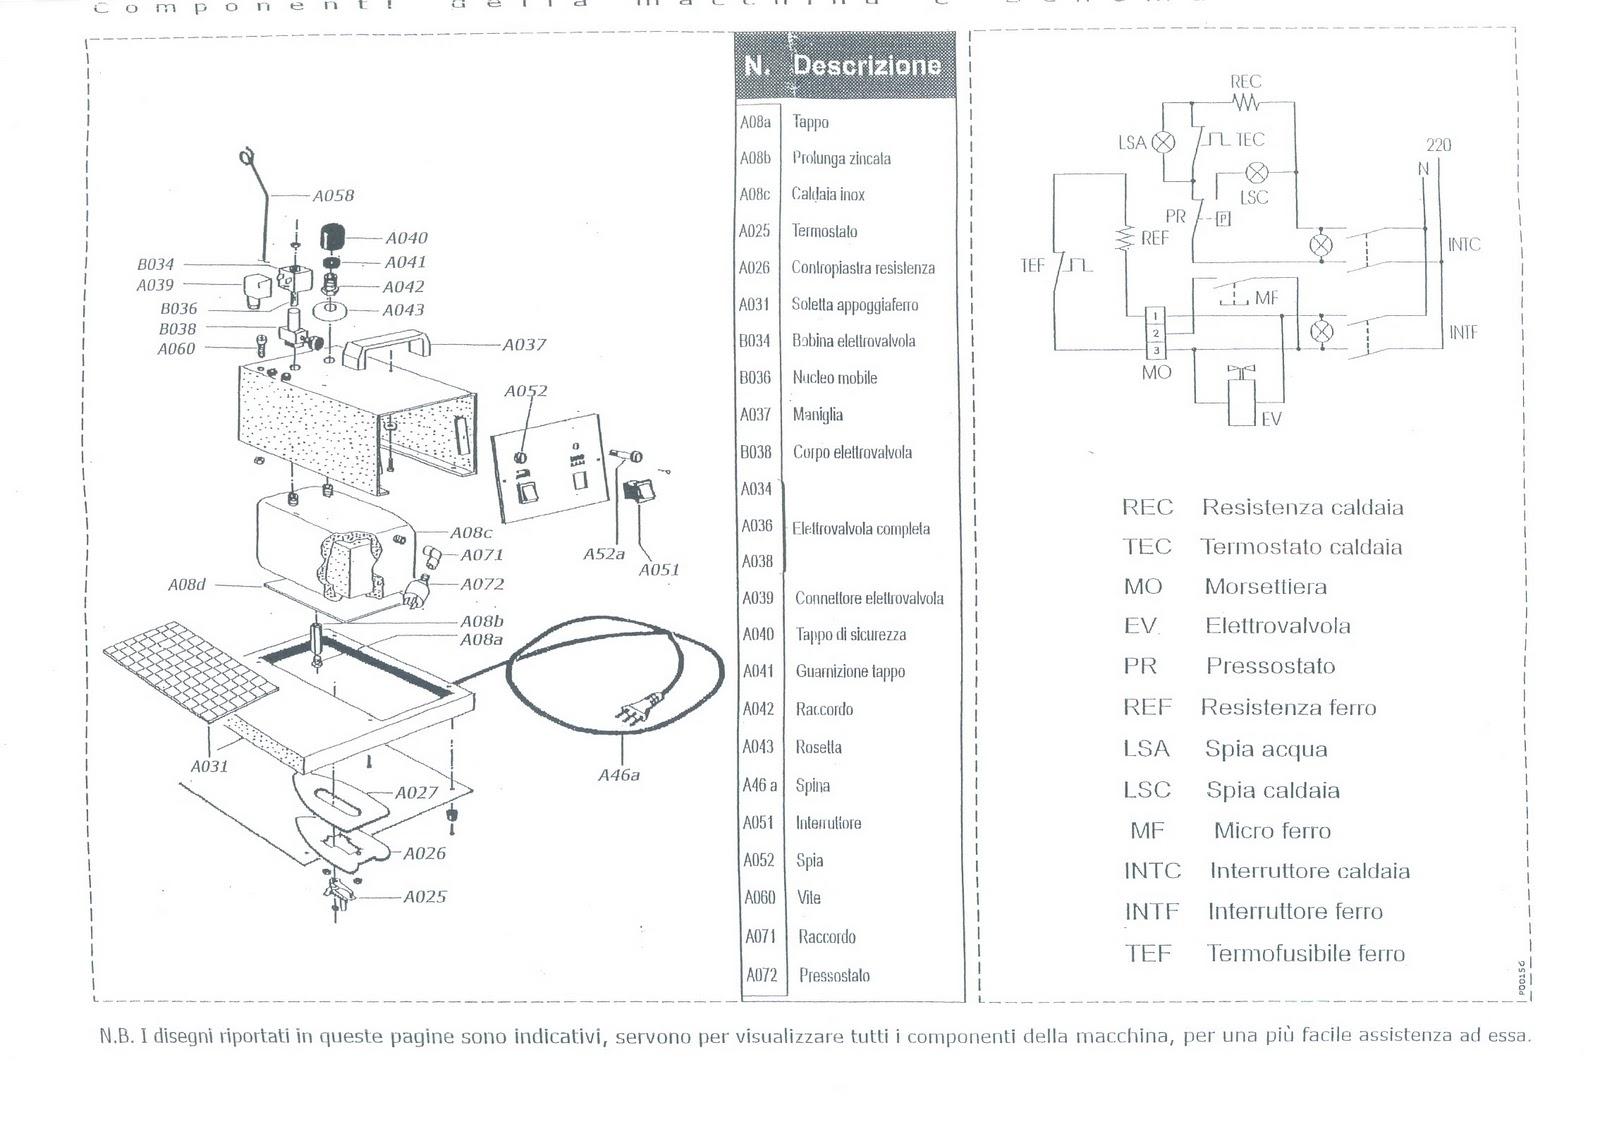 Circuito Electrico : Circuito eléctrico y diagrama de conexiones cad en piura s